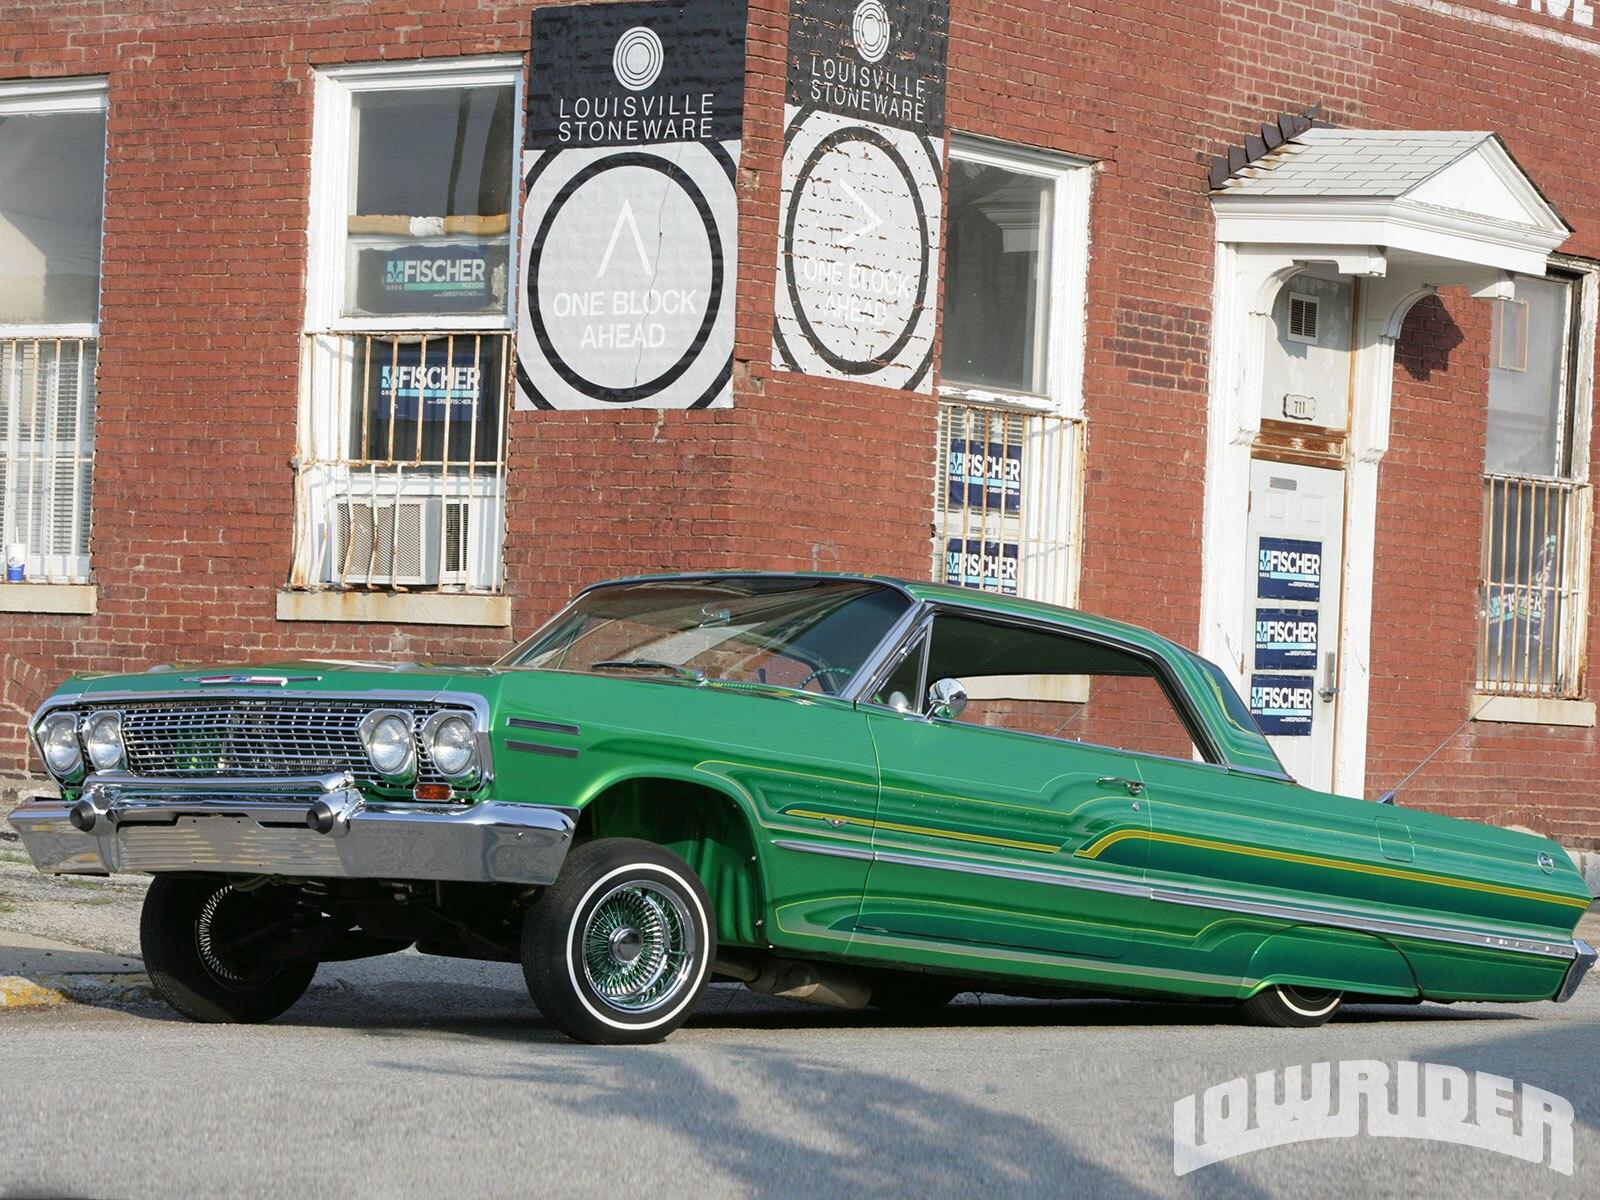 1302-lrmp-01-o-1963-chevrolet-impala-63-chevy-impala-powder-coated-spokes1